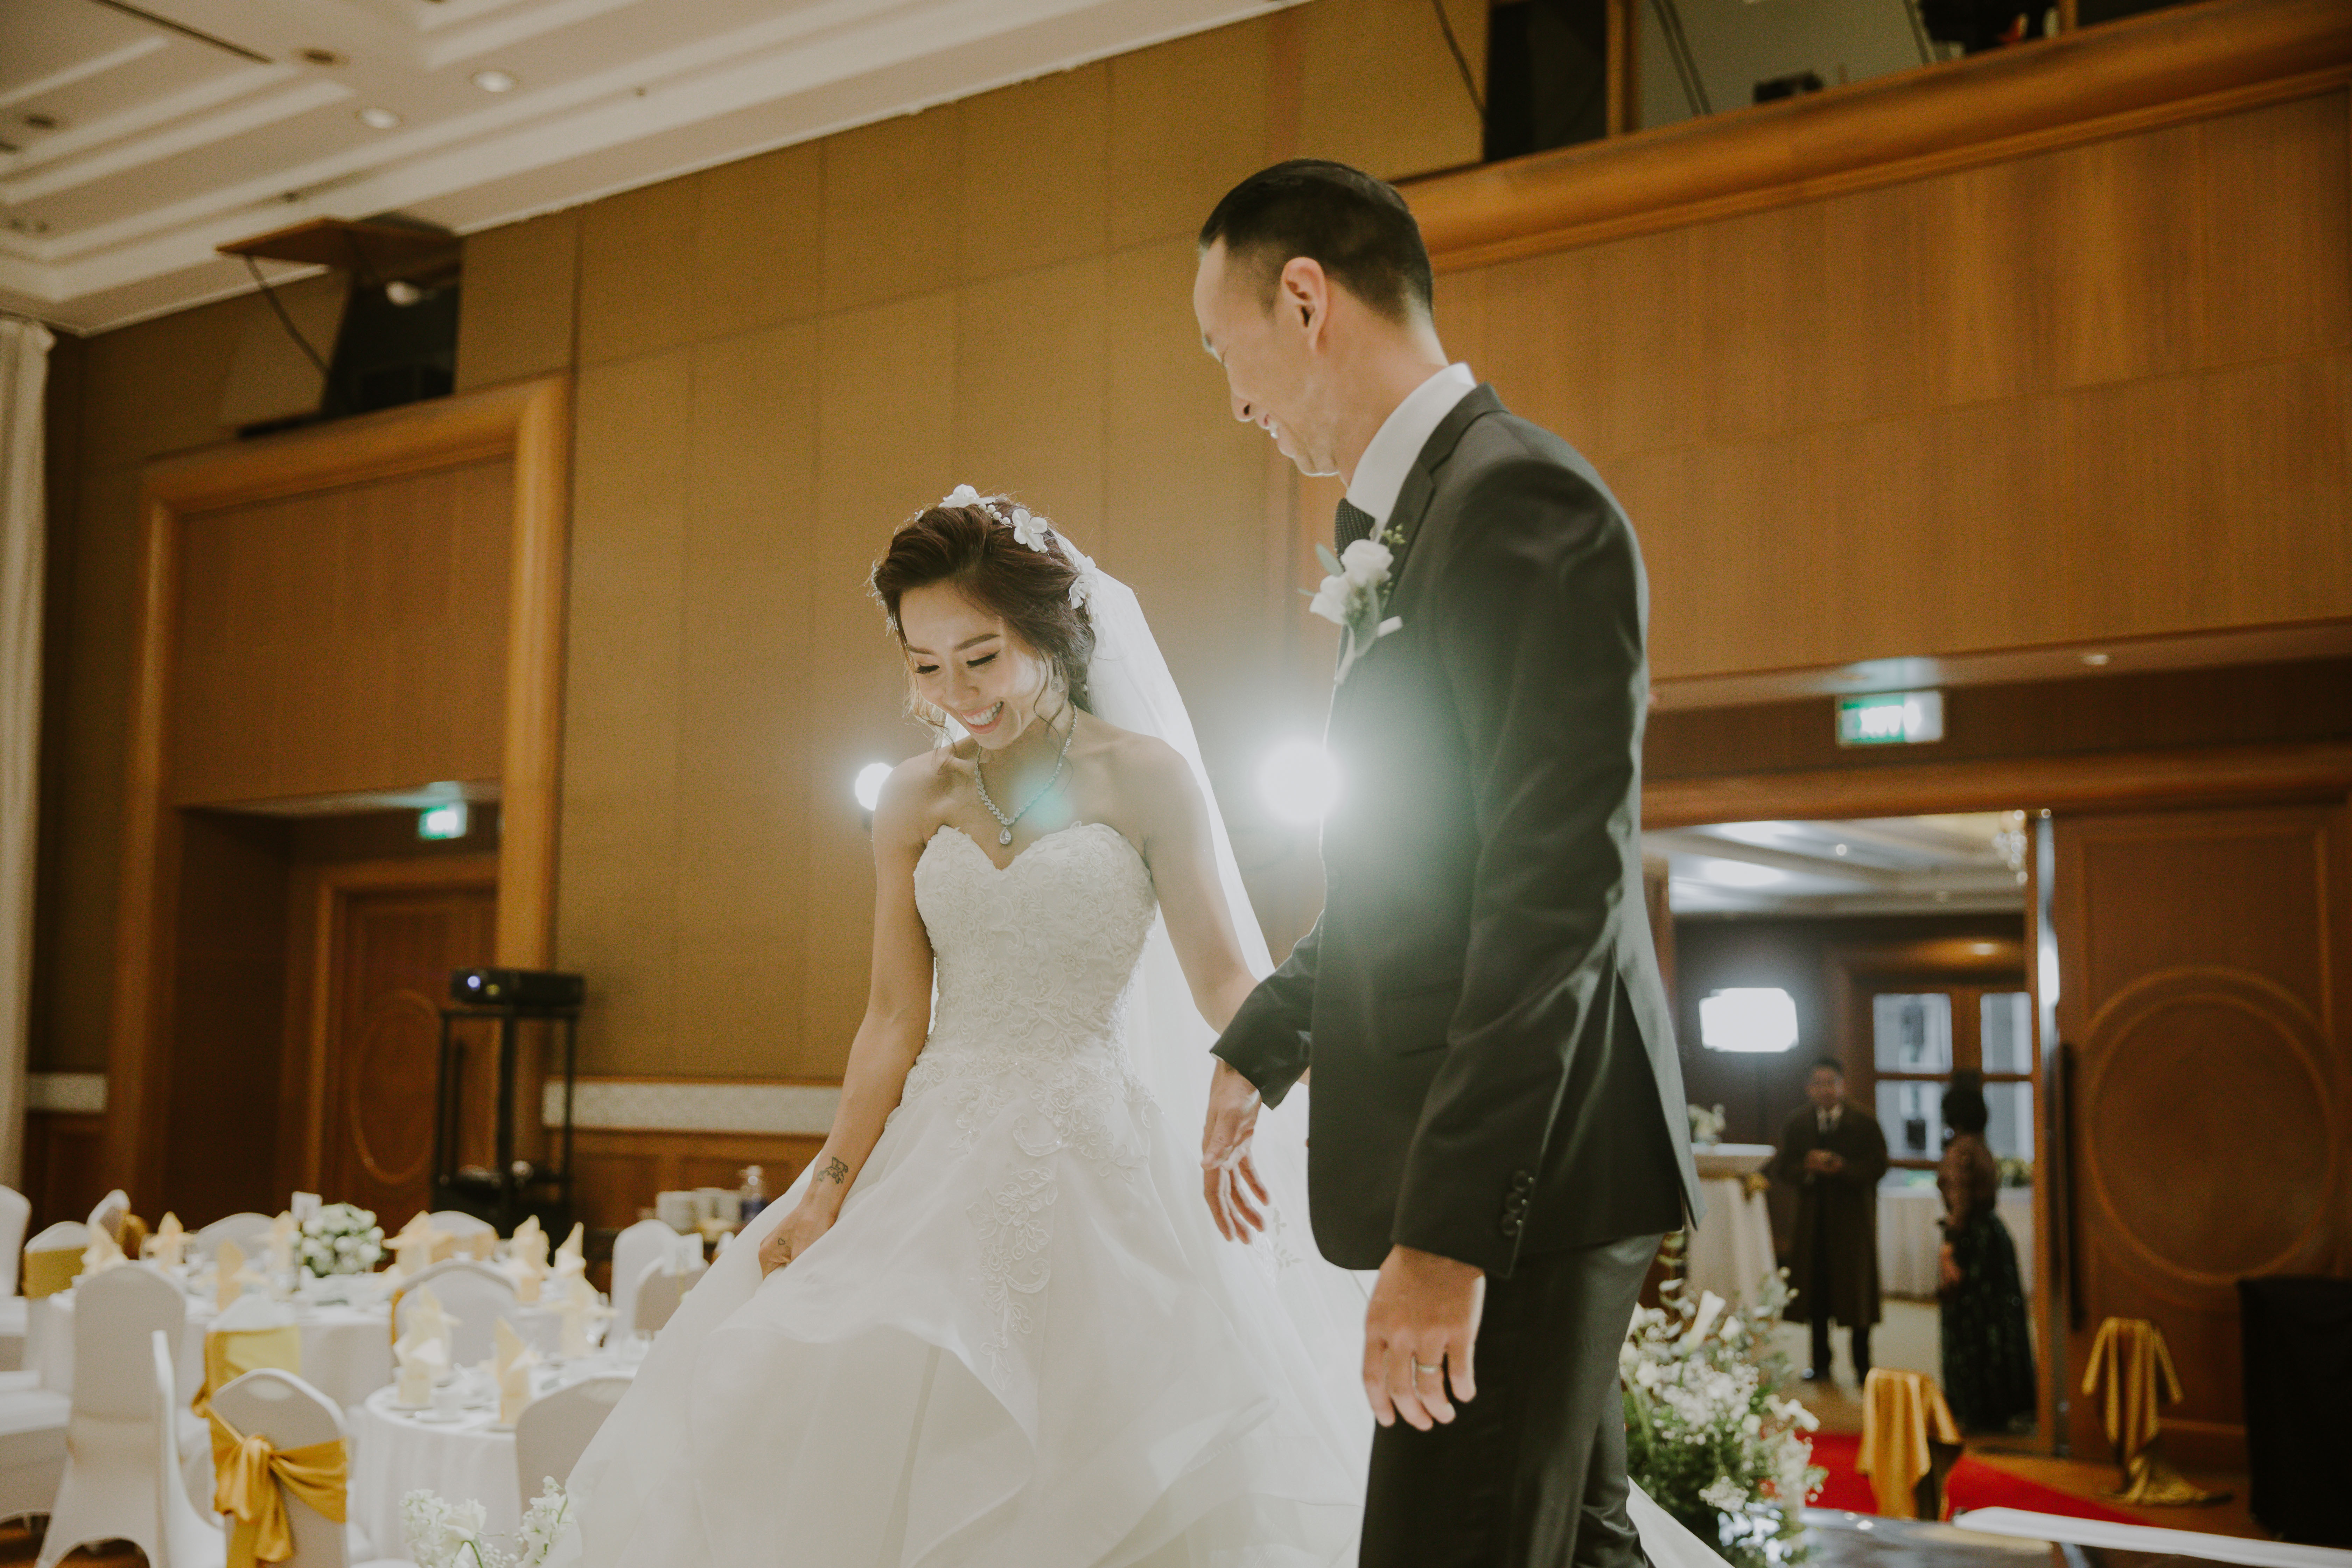 My Lan Nguyễn - Cô gái có cuộc tình như mơ từ FB và sự thuyết phục đầy nỗ lực với phụ huynh để được mặc váy cưới màu tím, hoá thành Unicorns trong hôn lễ của chính mình - Ảnh 22.